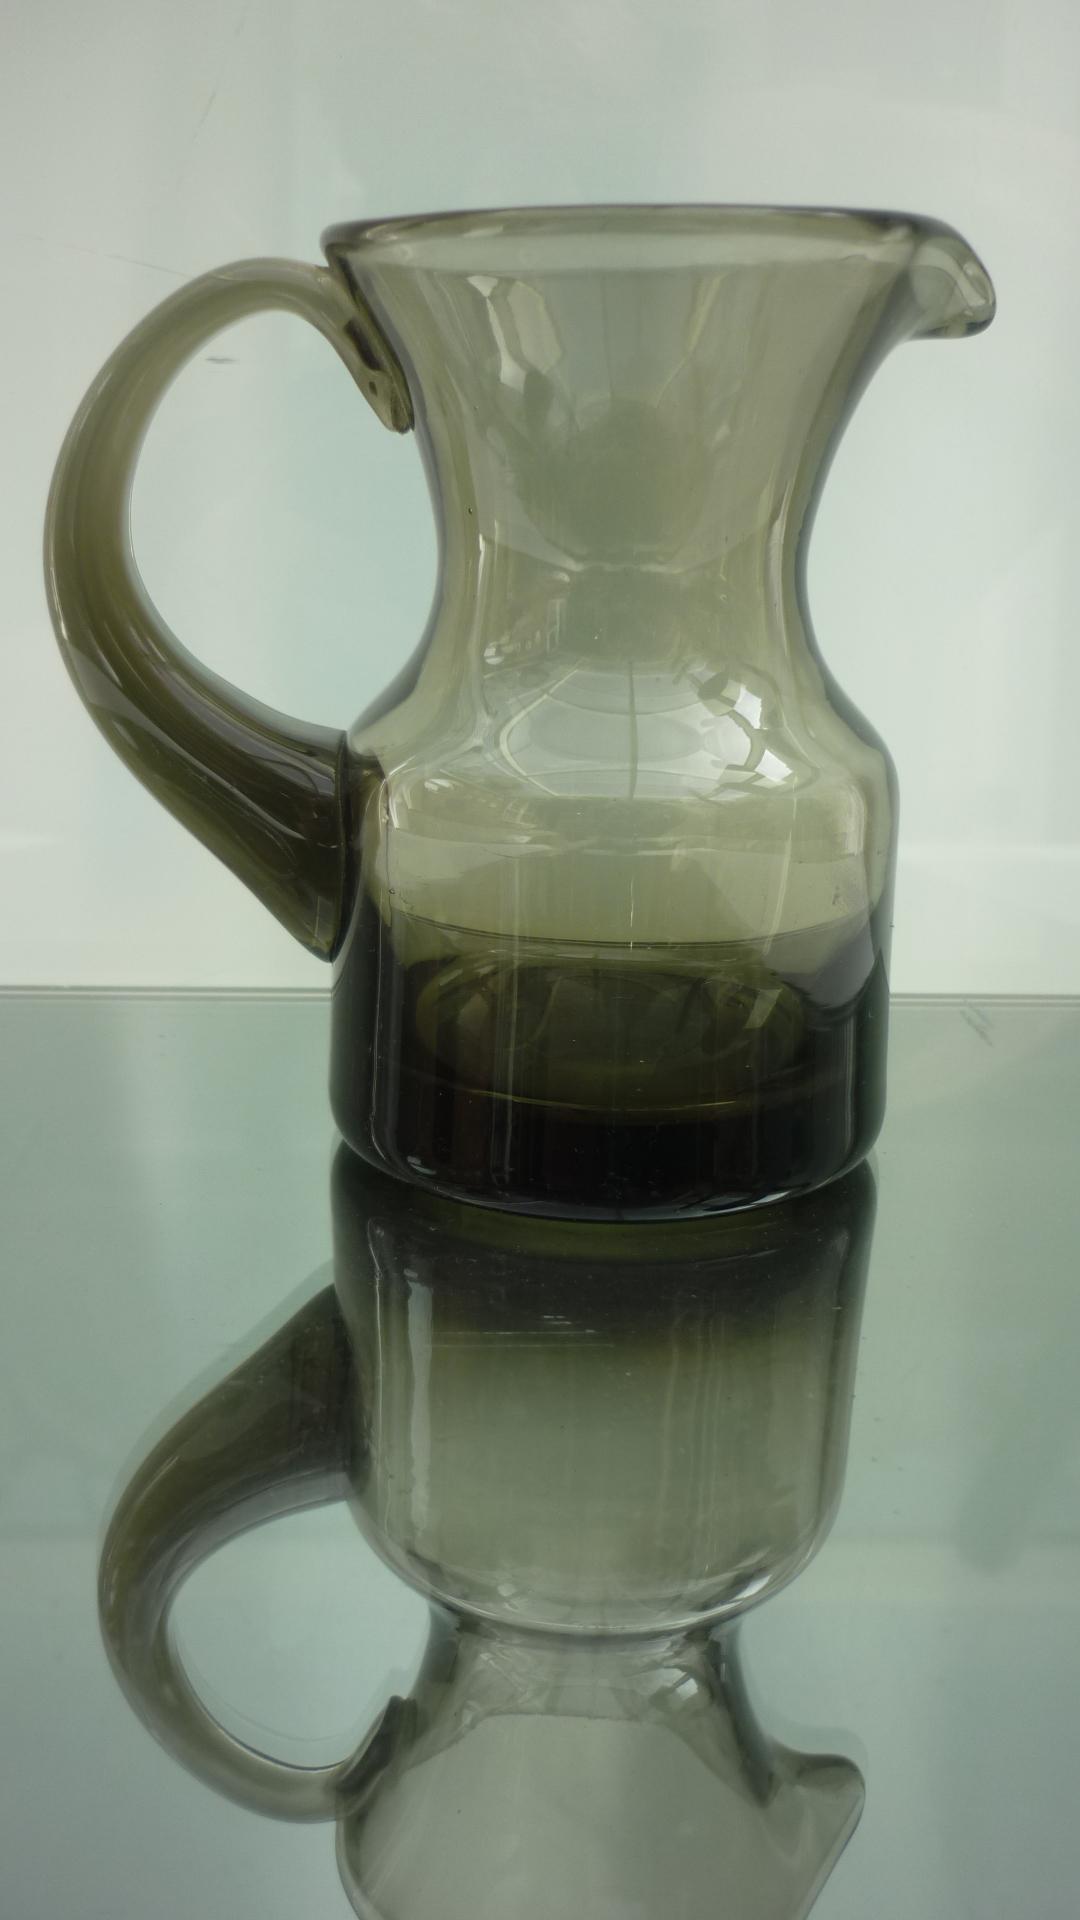 4cms high Cinnamon colour Whitefriars cream jug.